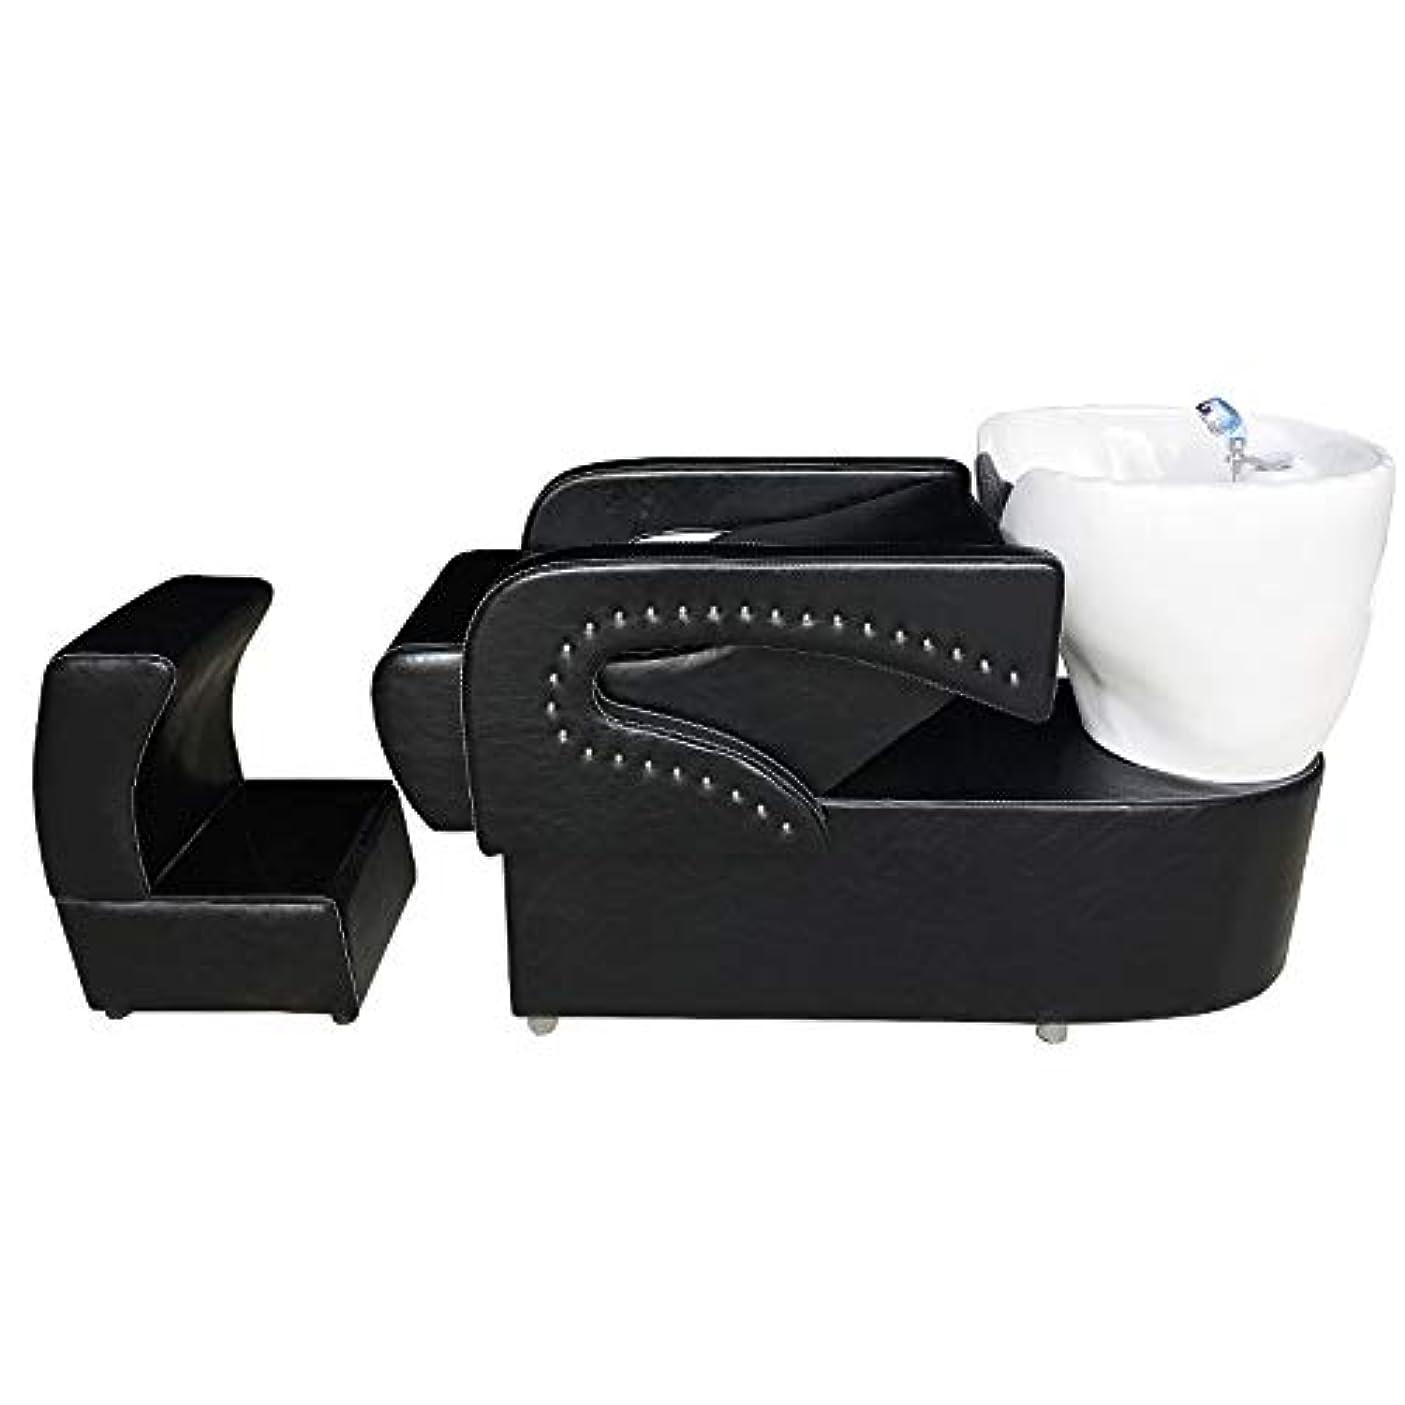 フォーラム書士支配的シャンプーの理髪師の逆洗の椅子、鉱泉の美容院のためのシャンプーボールの流しの椅子は半くぼみのフラッシュベッドを流します